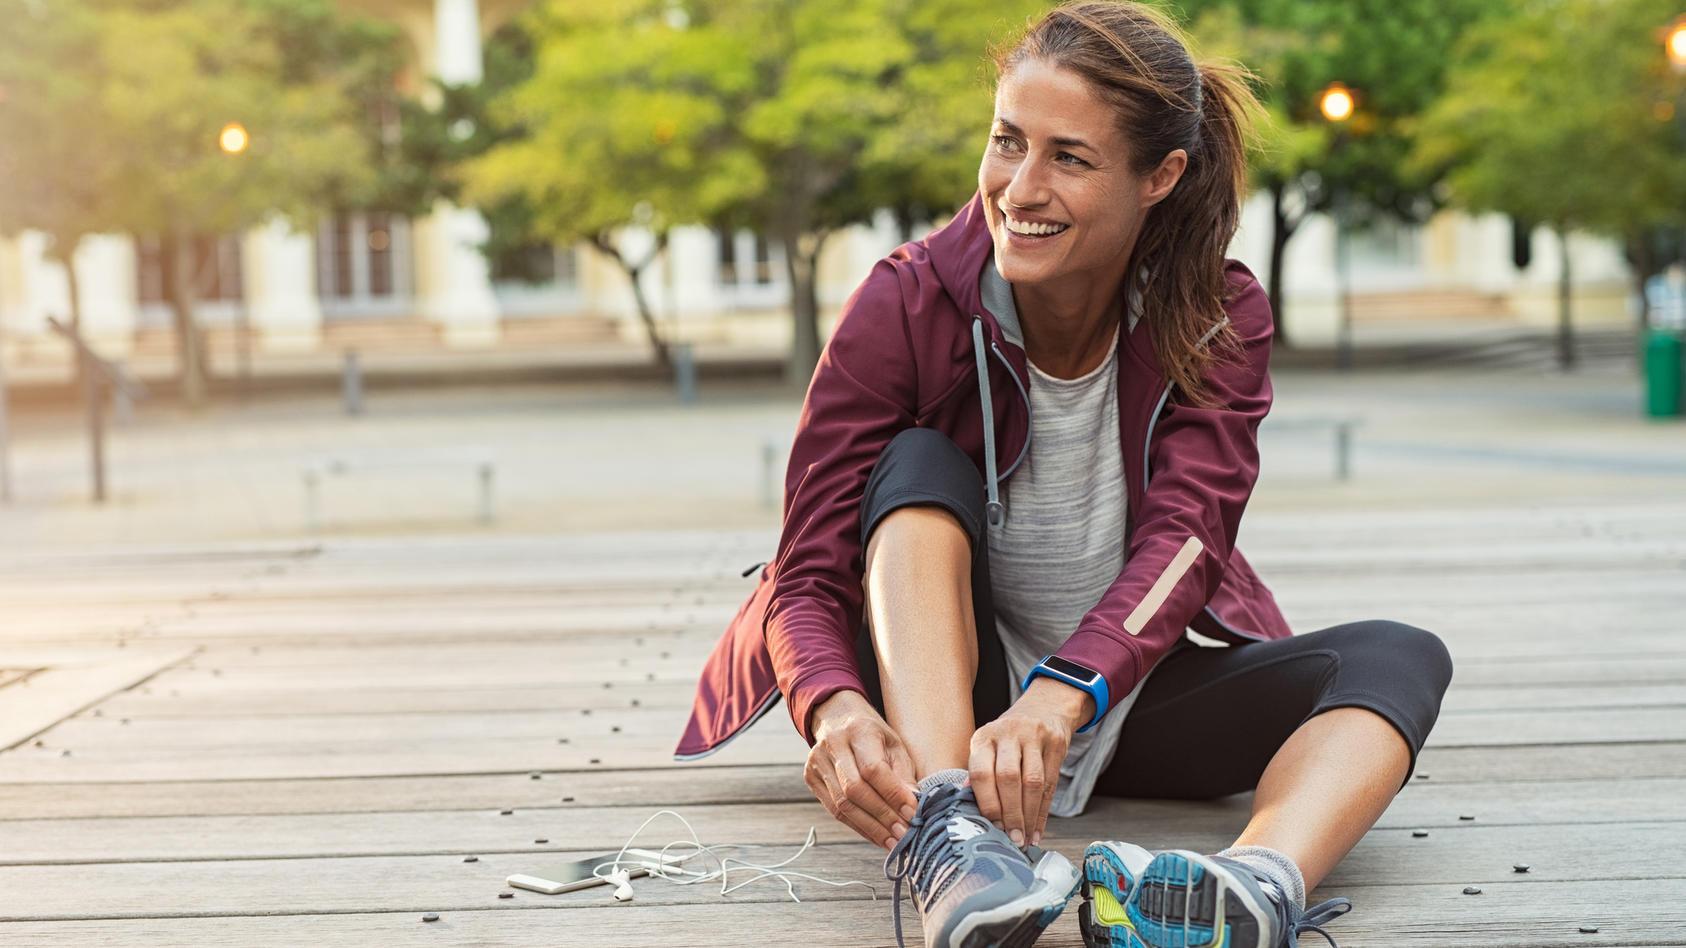 Drei bis fünf mal die Woche 30 bis 60 Minuten Sport oder intensive Bewegung reichen schon, um glücklicher zu sein als jemand, der mehr verdient.